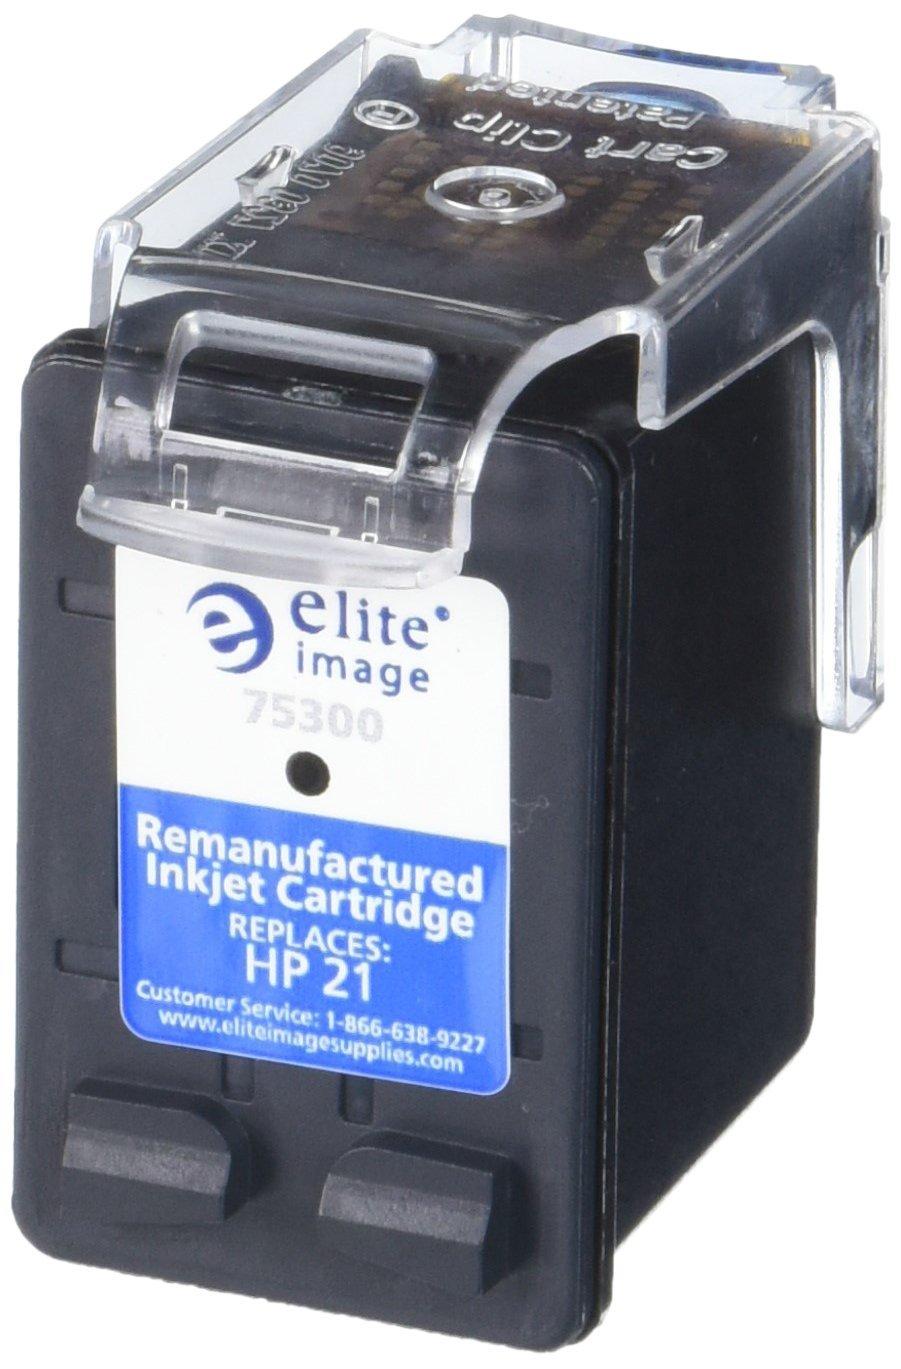 Hình ảnh những người ưu tú nhất tương thích với eli75300 Inkjet thay thế Hewlett - Packard c9351an (